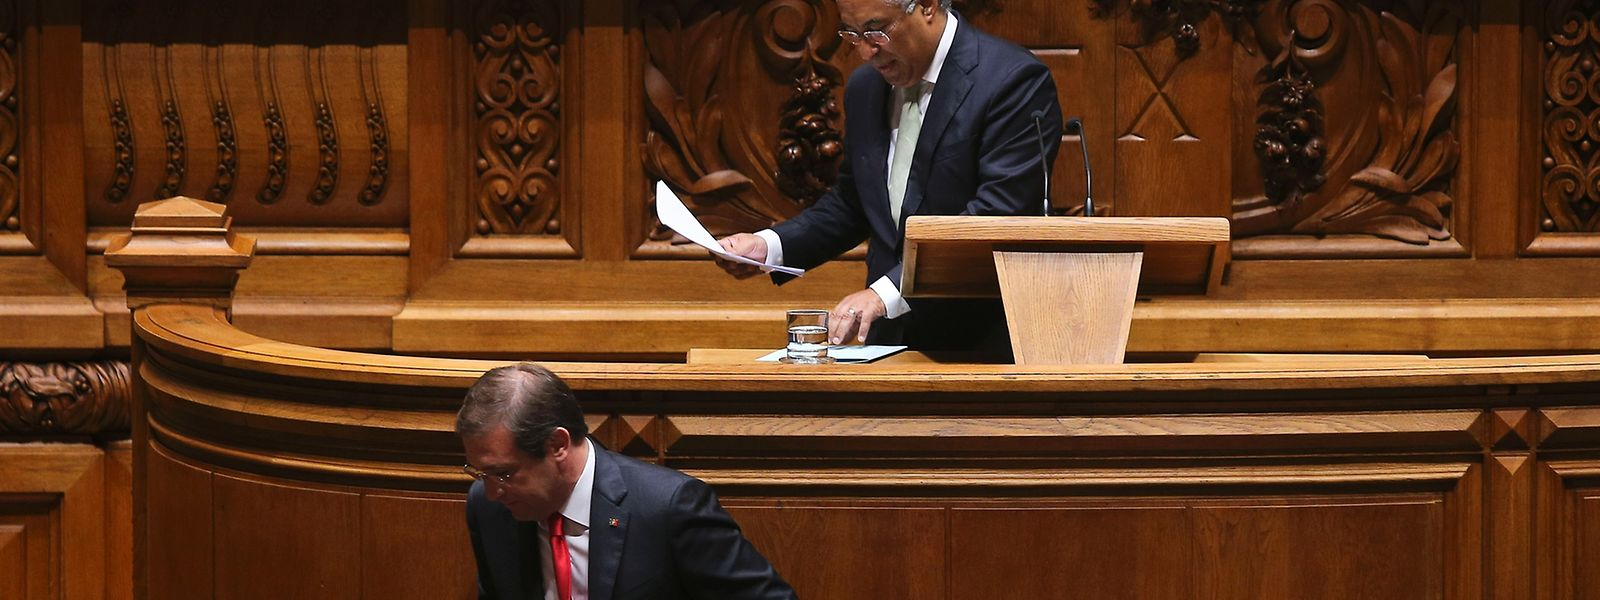 António Costa e Passos Coelho podem vir a trocar de posições: líder do principal partido da oposição e primeiro-ministro